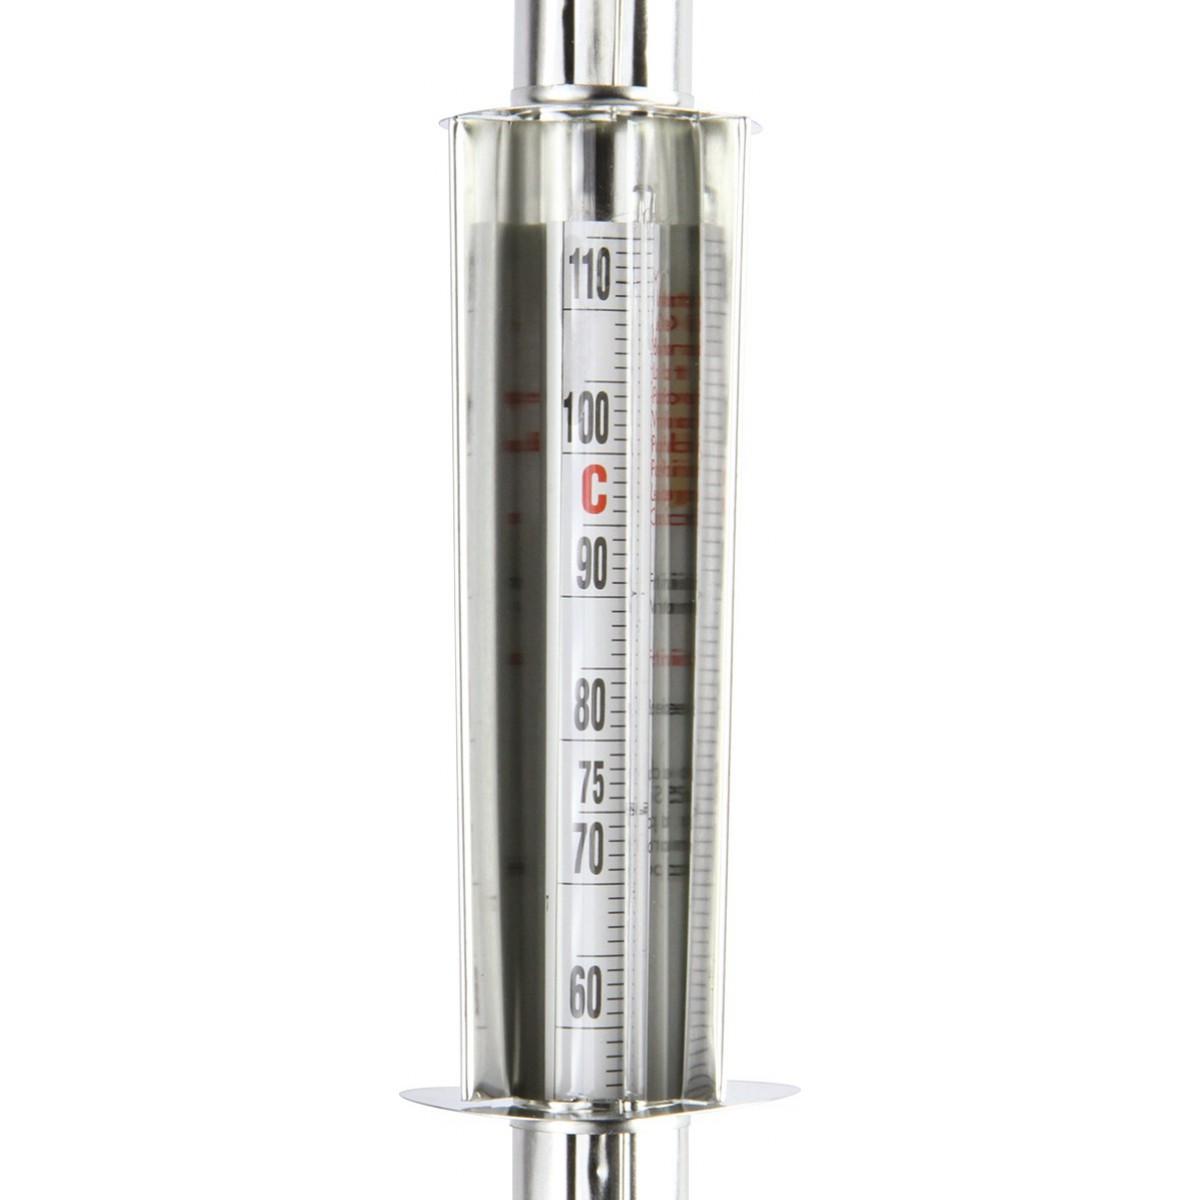 Thermomètre pour stérilisateur - Gaine de 0 à 110°C